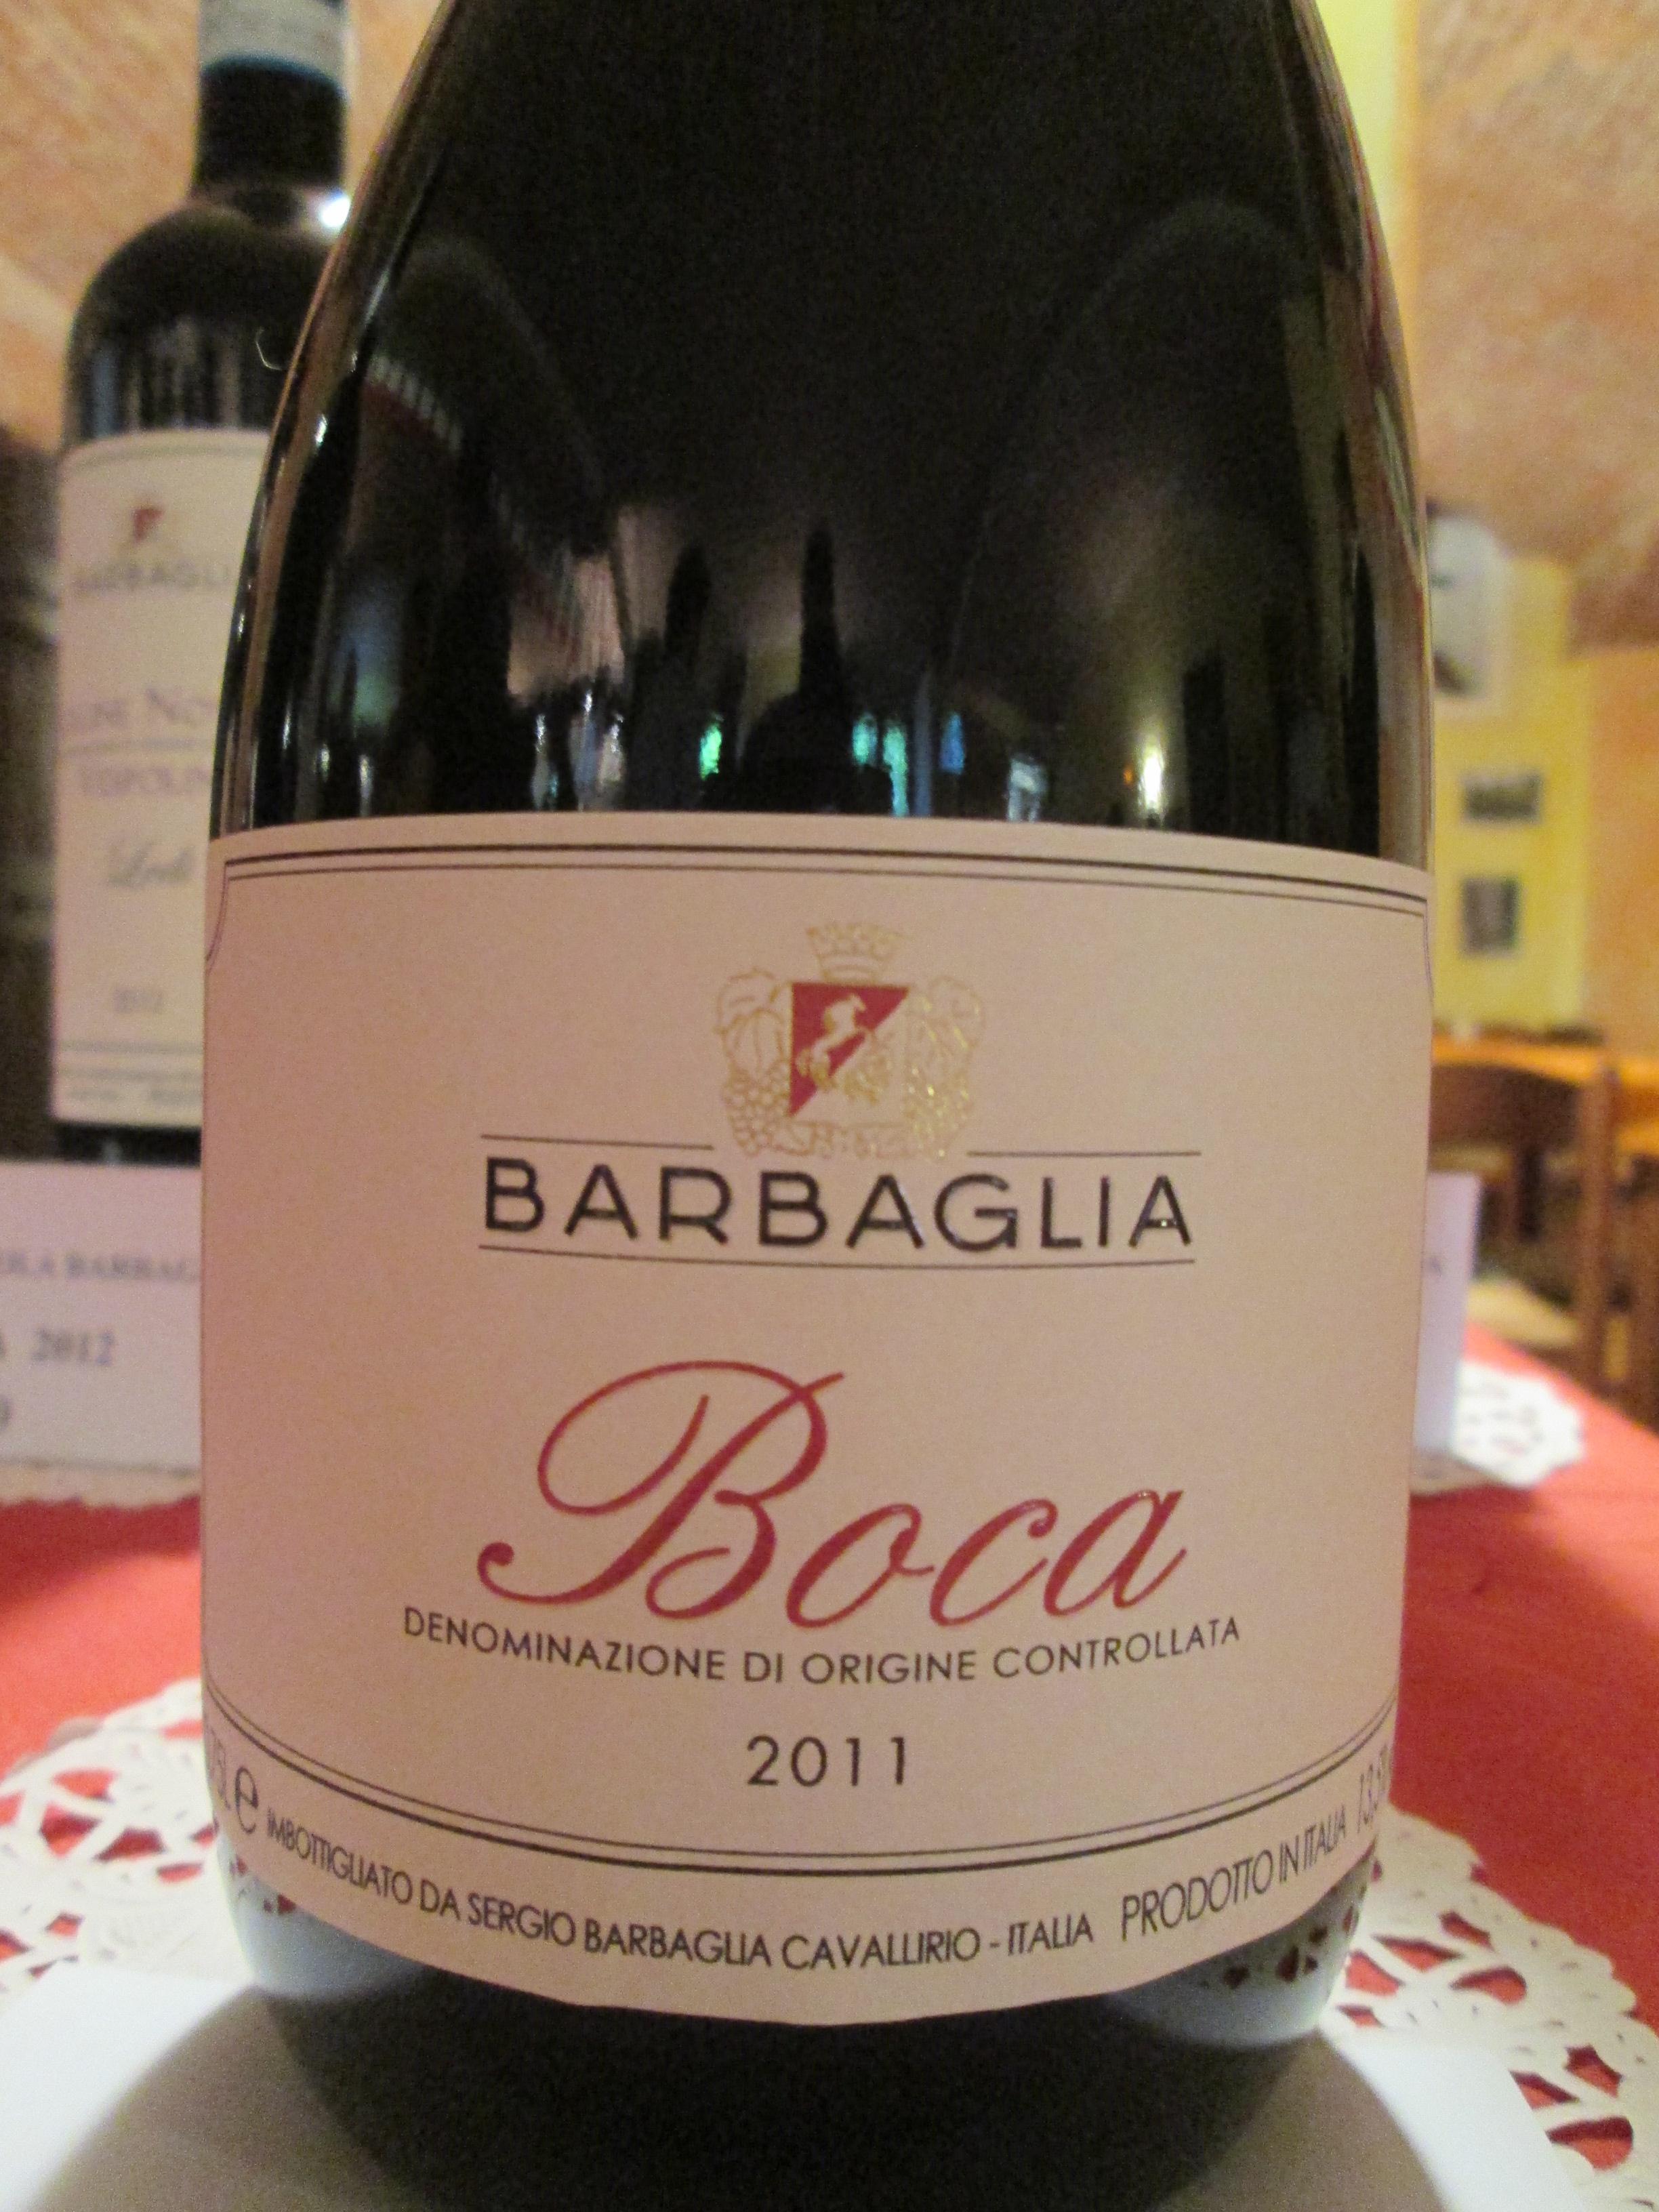 Boca 2011 Antico Borgo dei Cavalli di Sergio Barbaglia